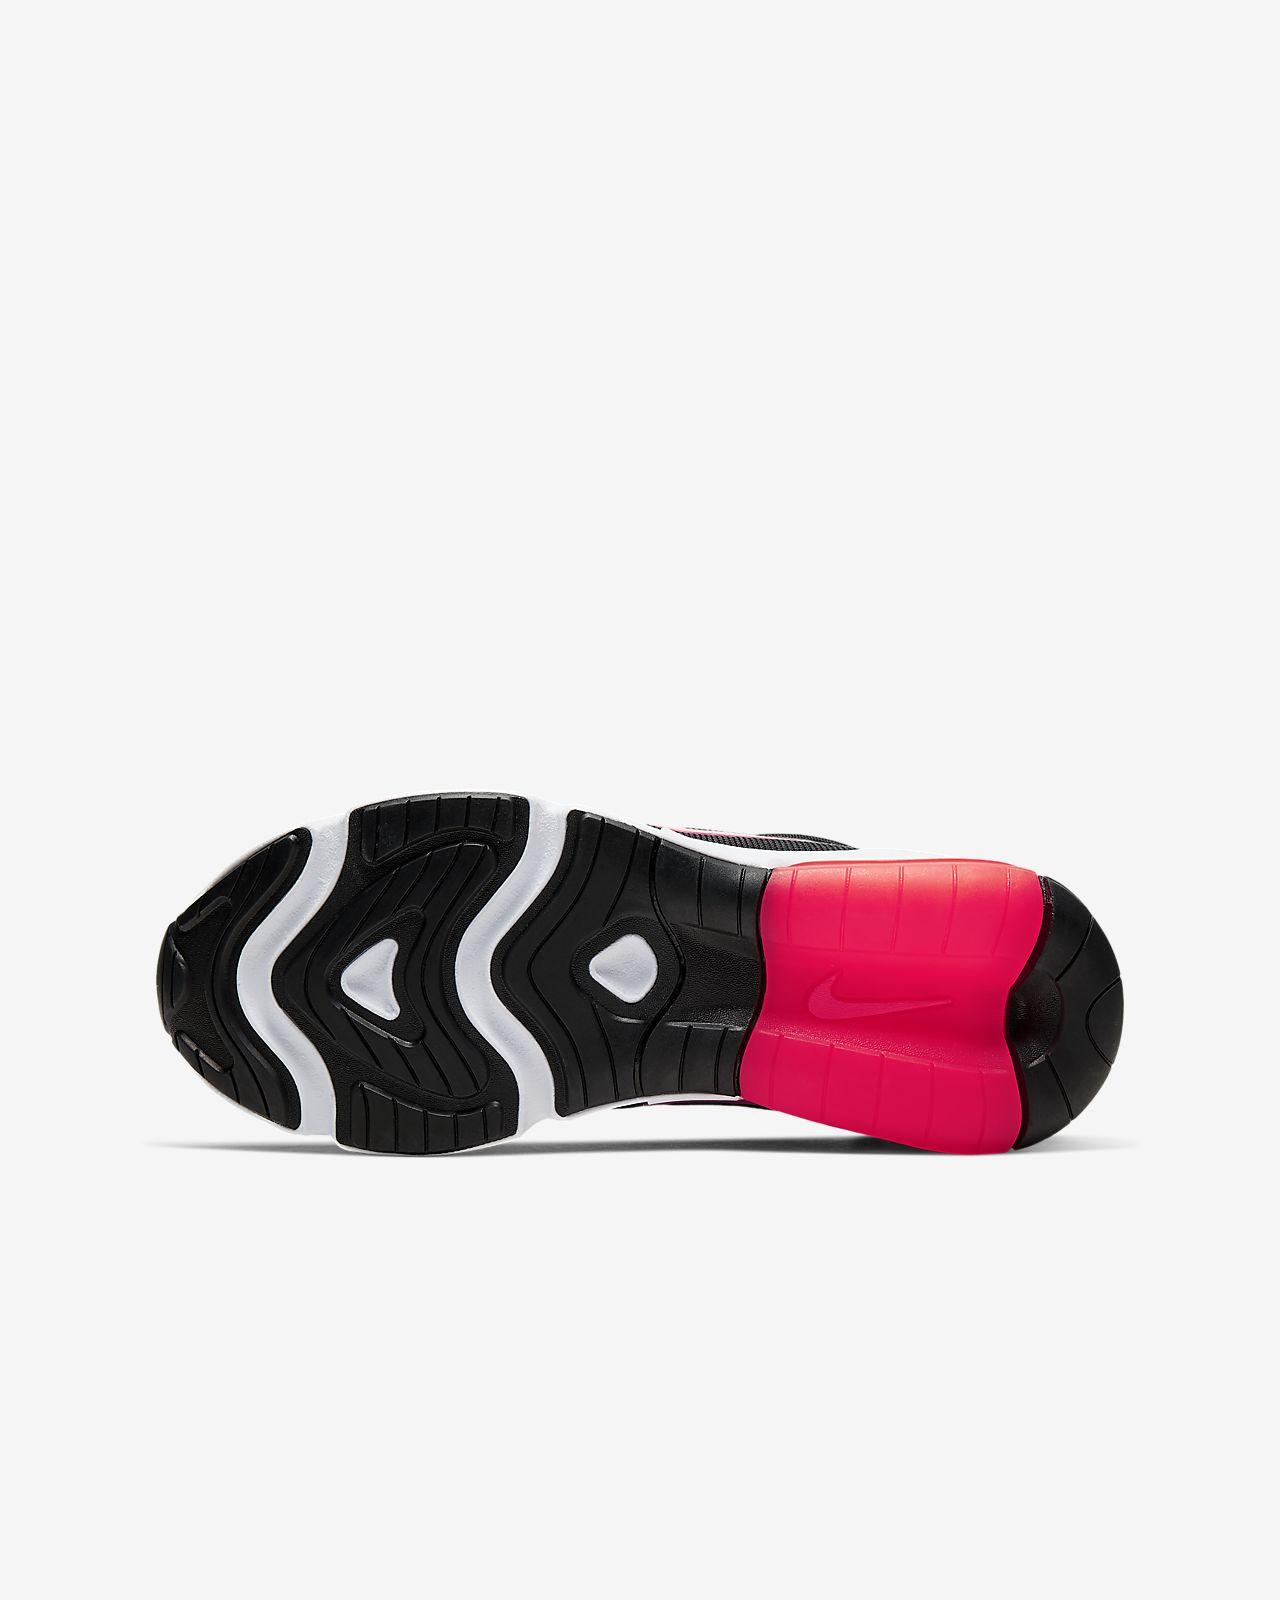 Nike Air Max Danmark 90 Kvinder Sort Pink Hot Salg (Nike